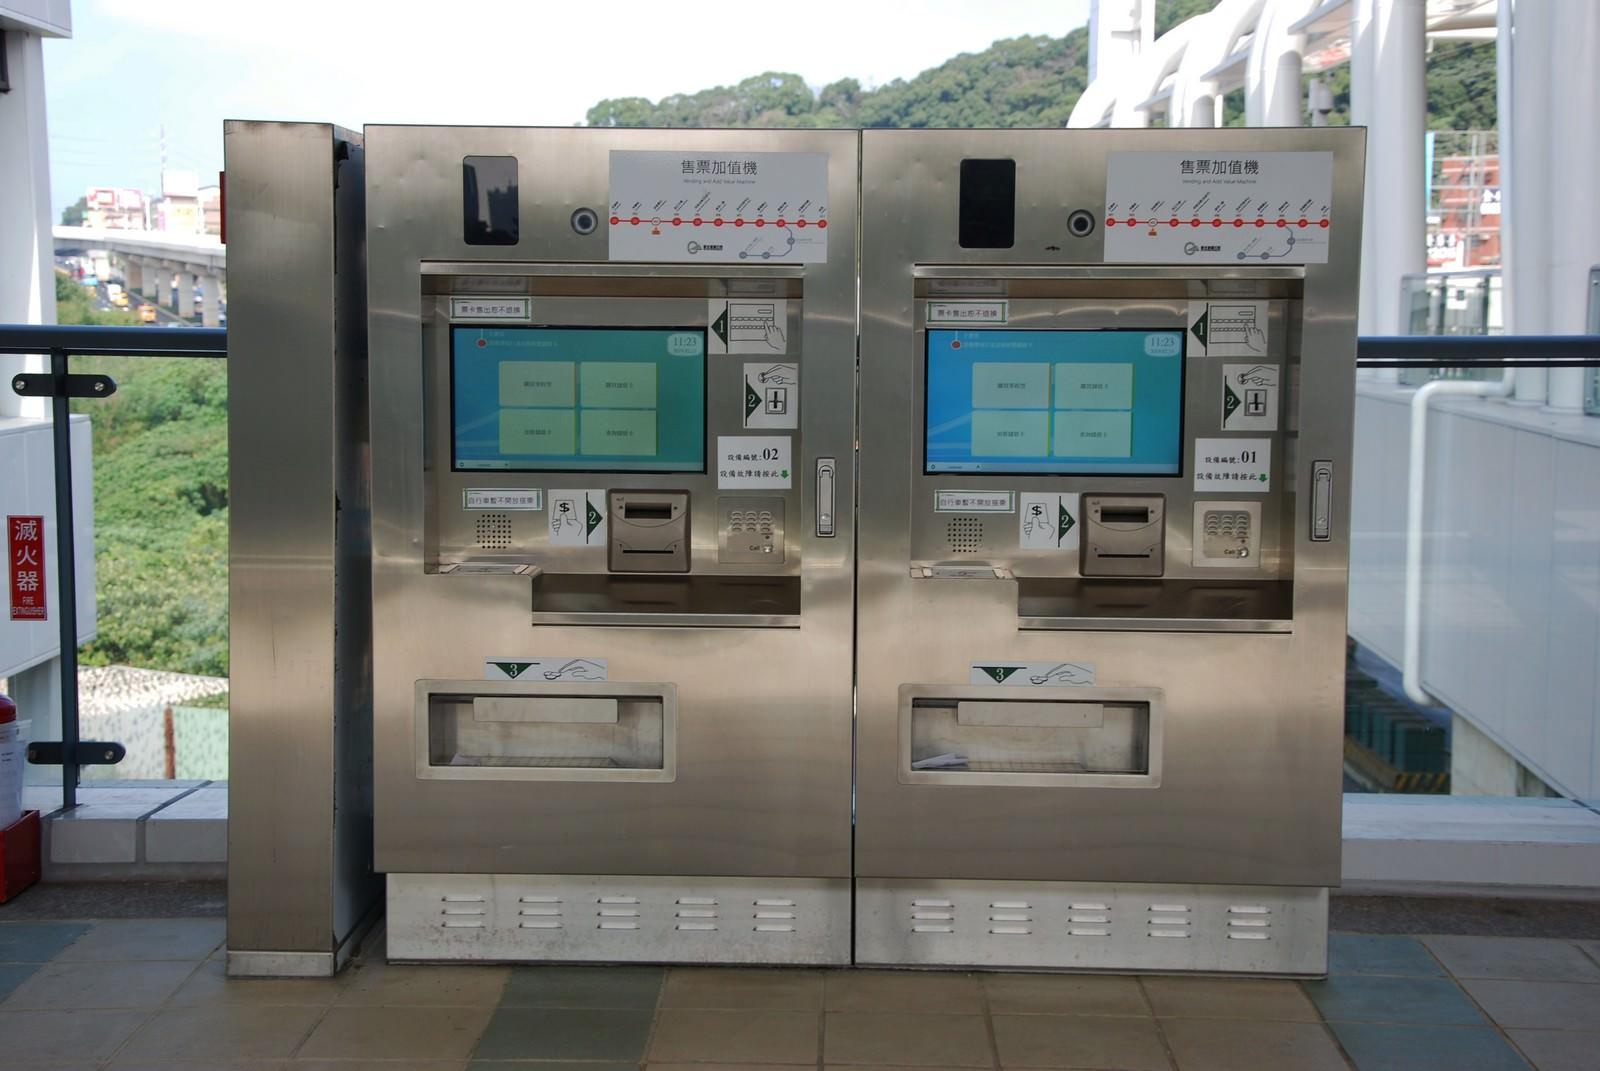 淡海輕軌綠山線, 輕軌淡金鄧公站, 售票加值機